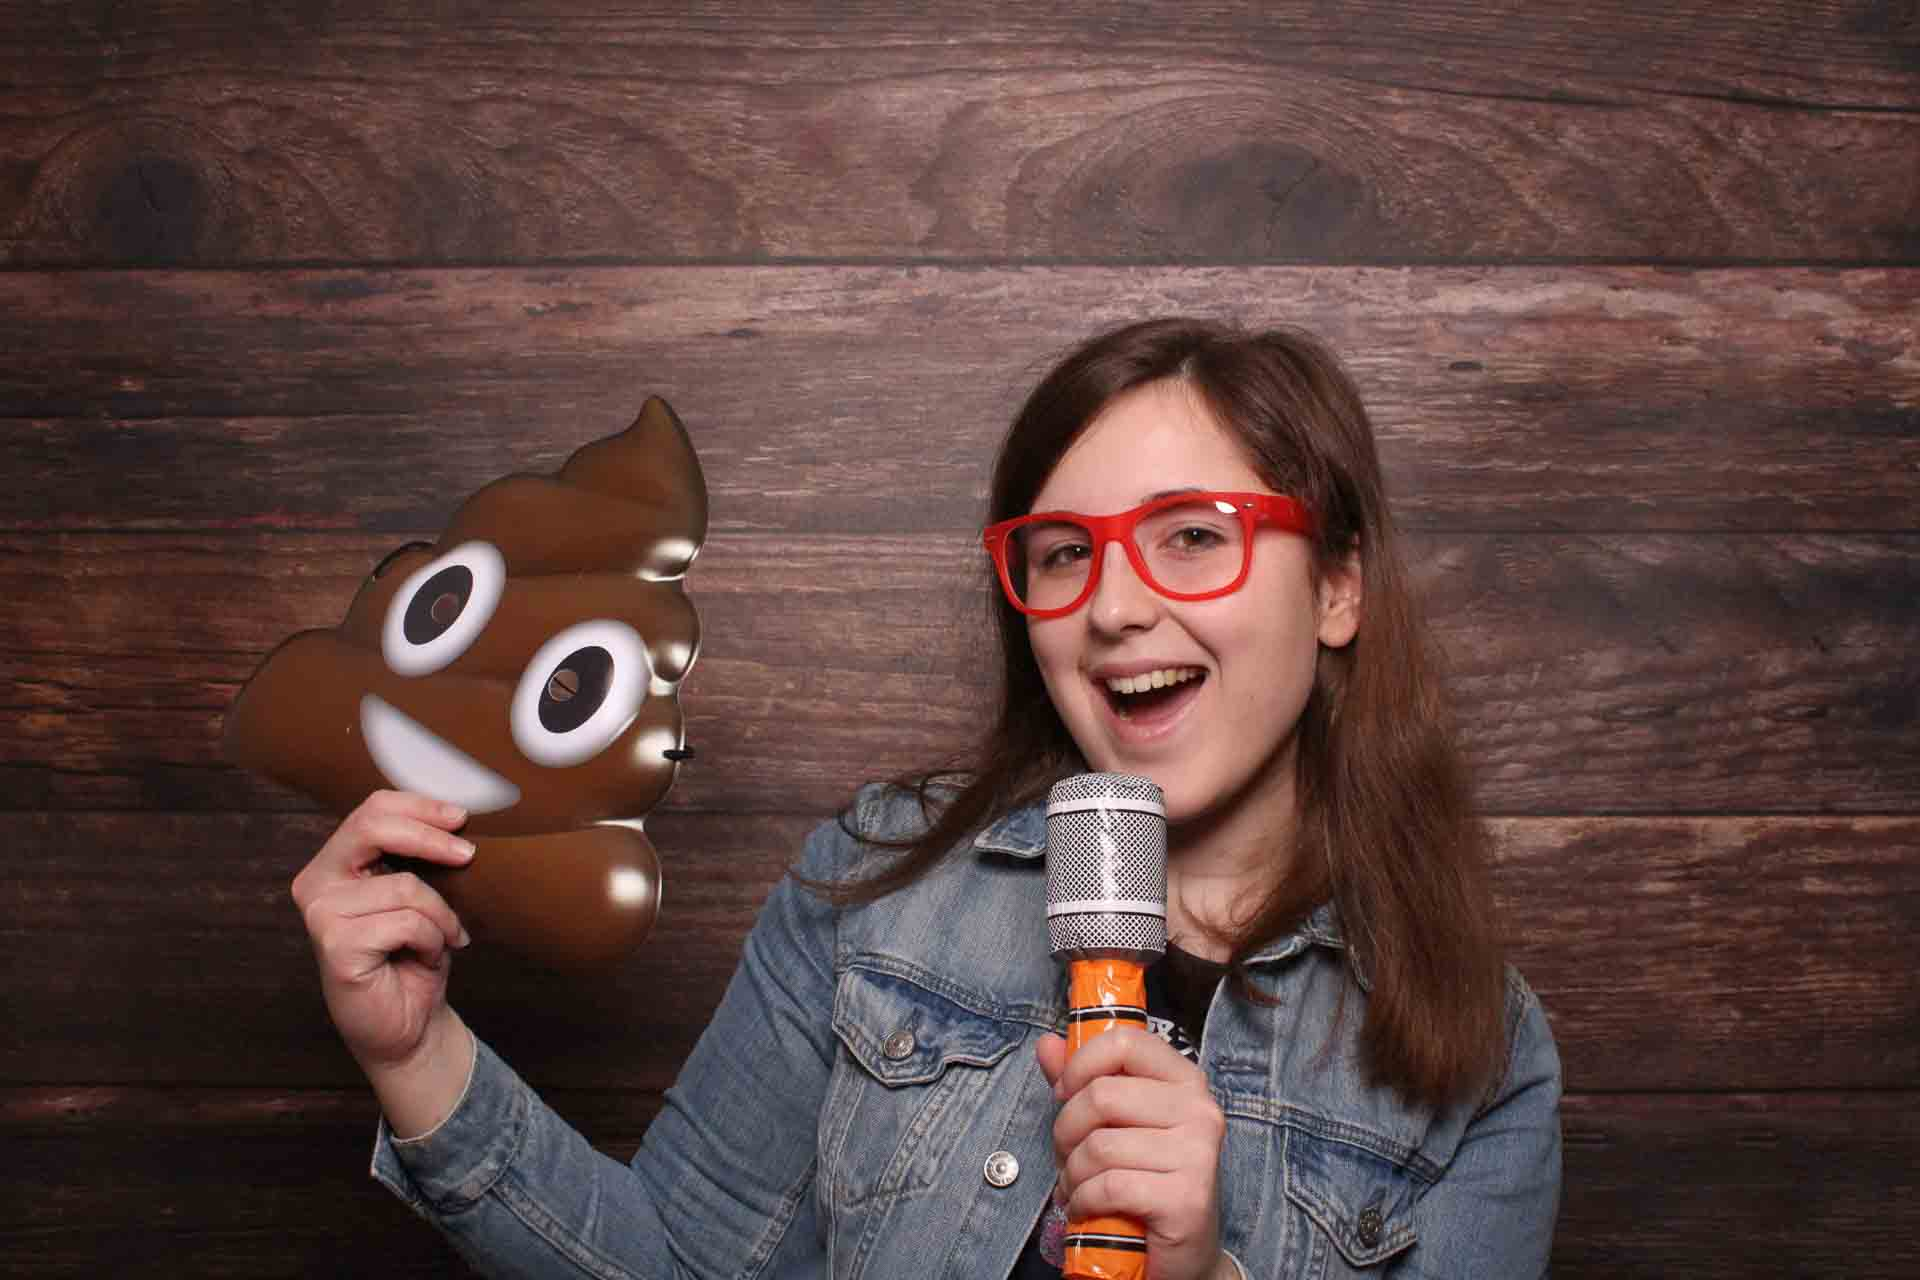 Fotobox Weinheim - Emoticon Poo